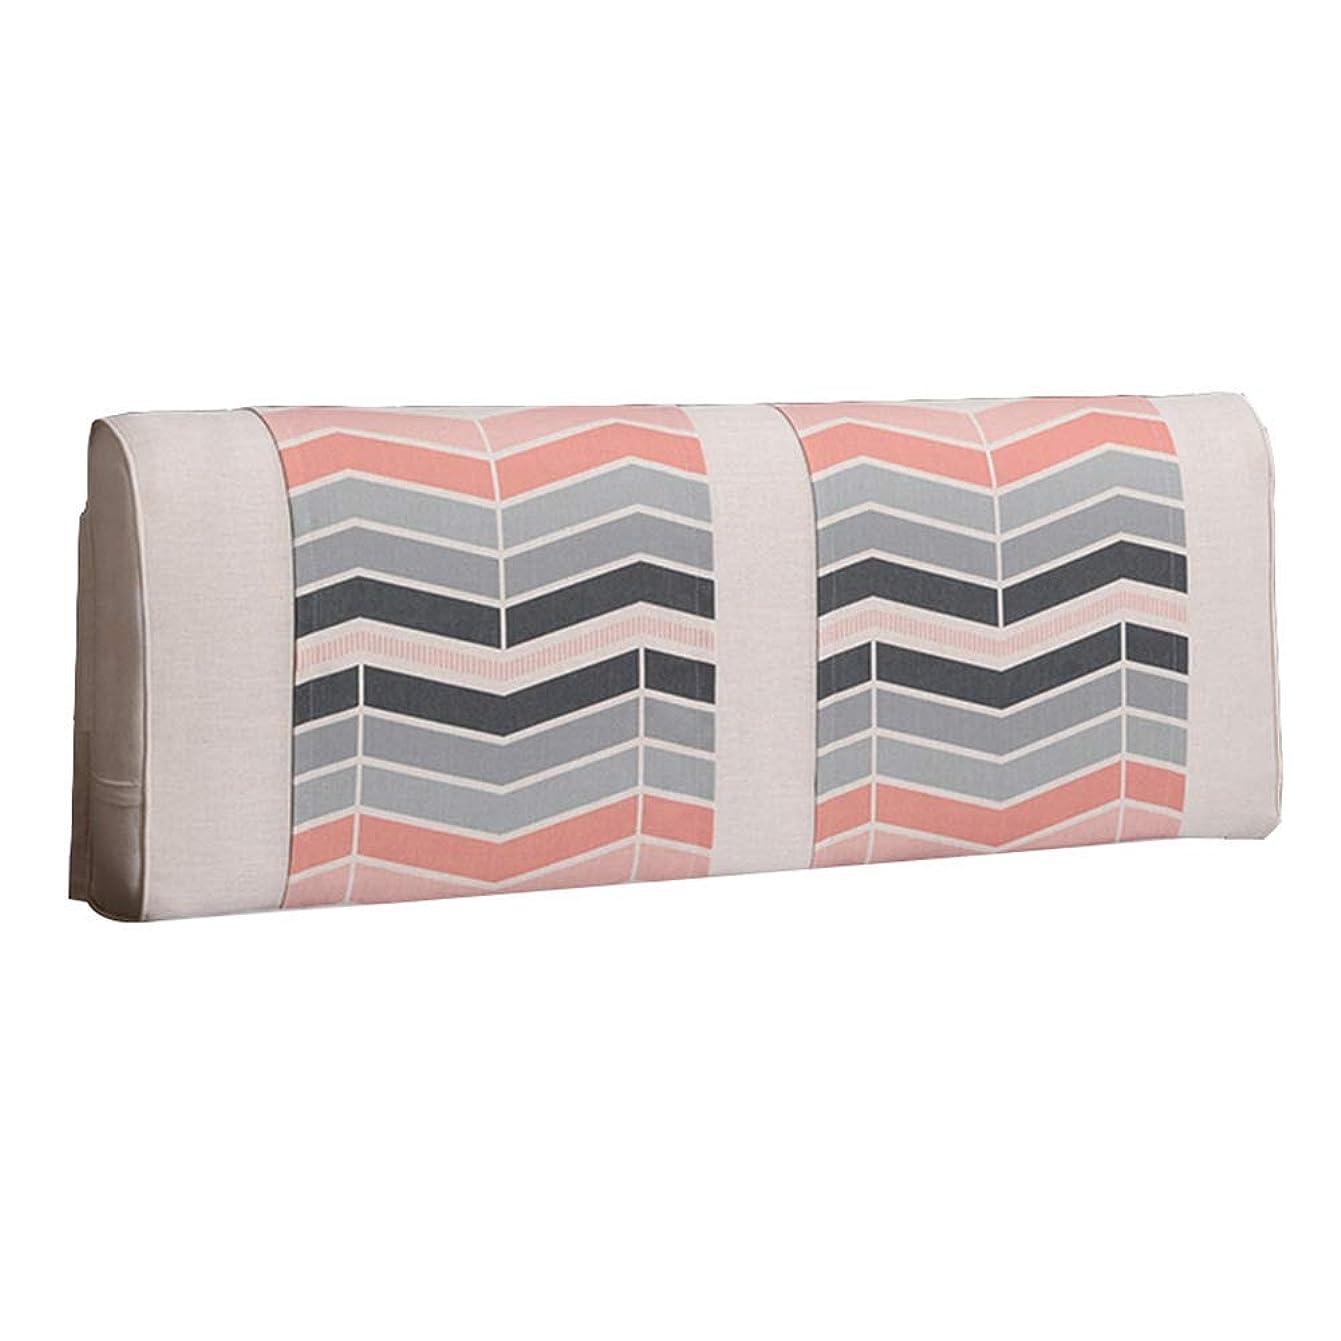 ほとんどの場合恩赦安価なGLP ベッドサイドクッションノルディック風のベッドカバーダブル畳の大きなバックベッドソフトパックモダンなミニマル枕、8サイズ&6色 (Color : 6#-No headboard, Size : 100x10x58CM)